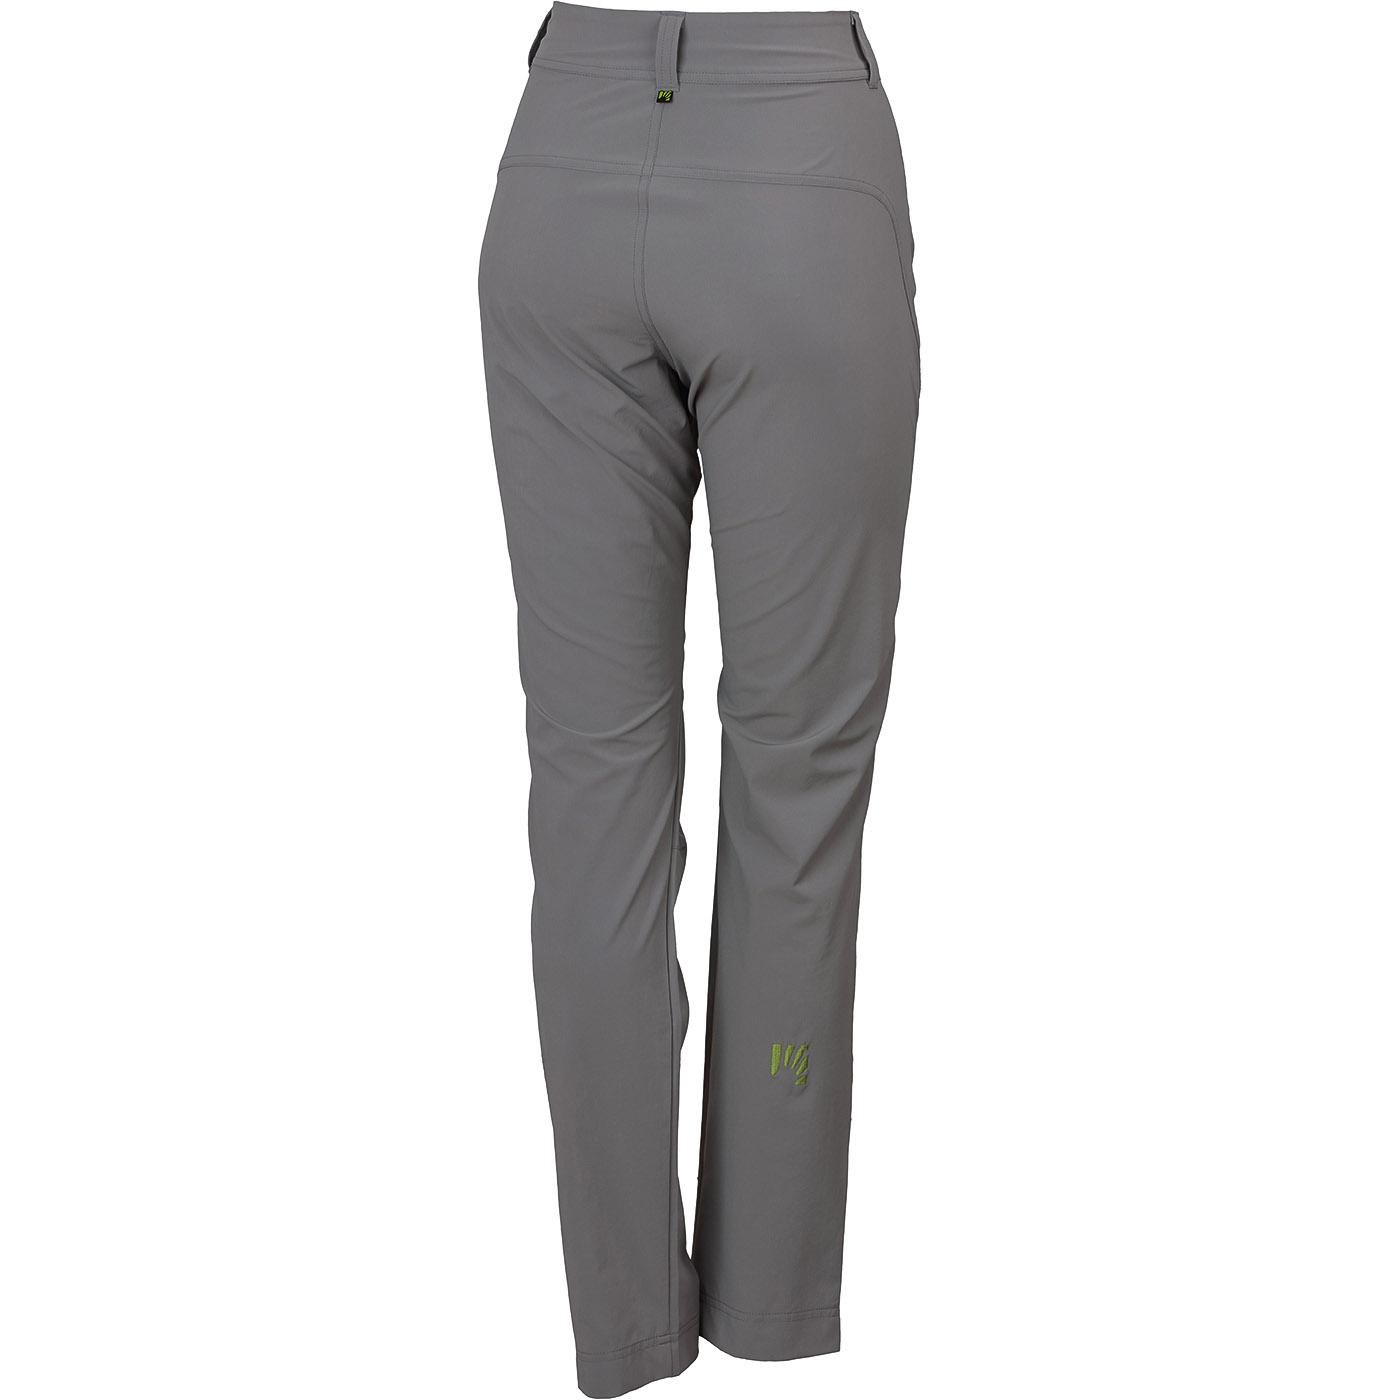 8106f2832b01 Karpos Scalon Dámske nohavice sivé. Pre absolútny zážitok prosím použite  prehliadač s javascriptom